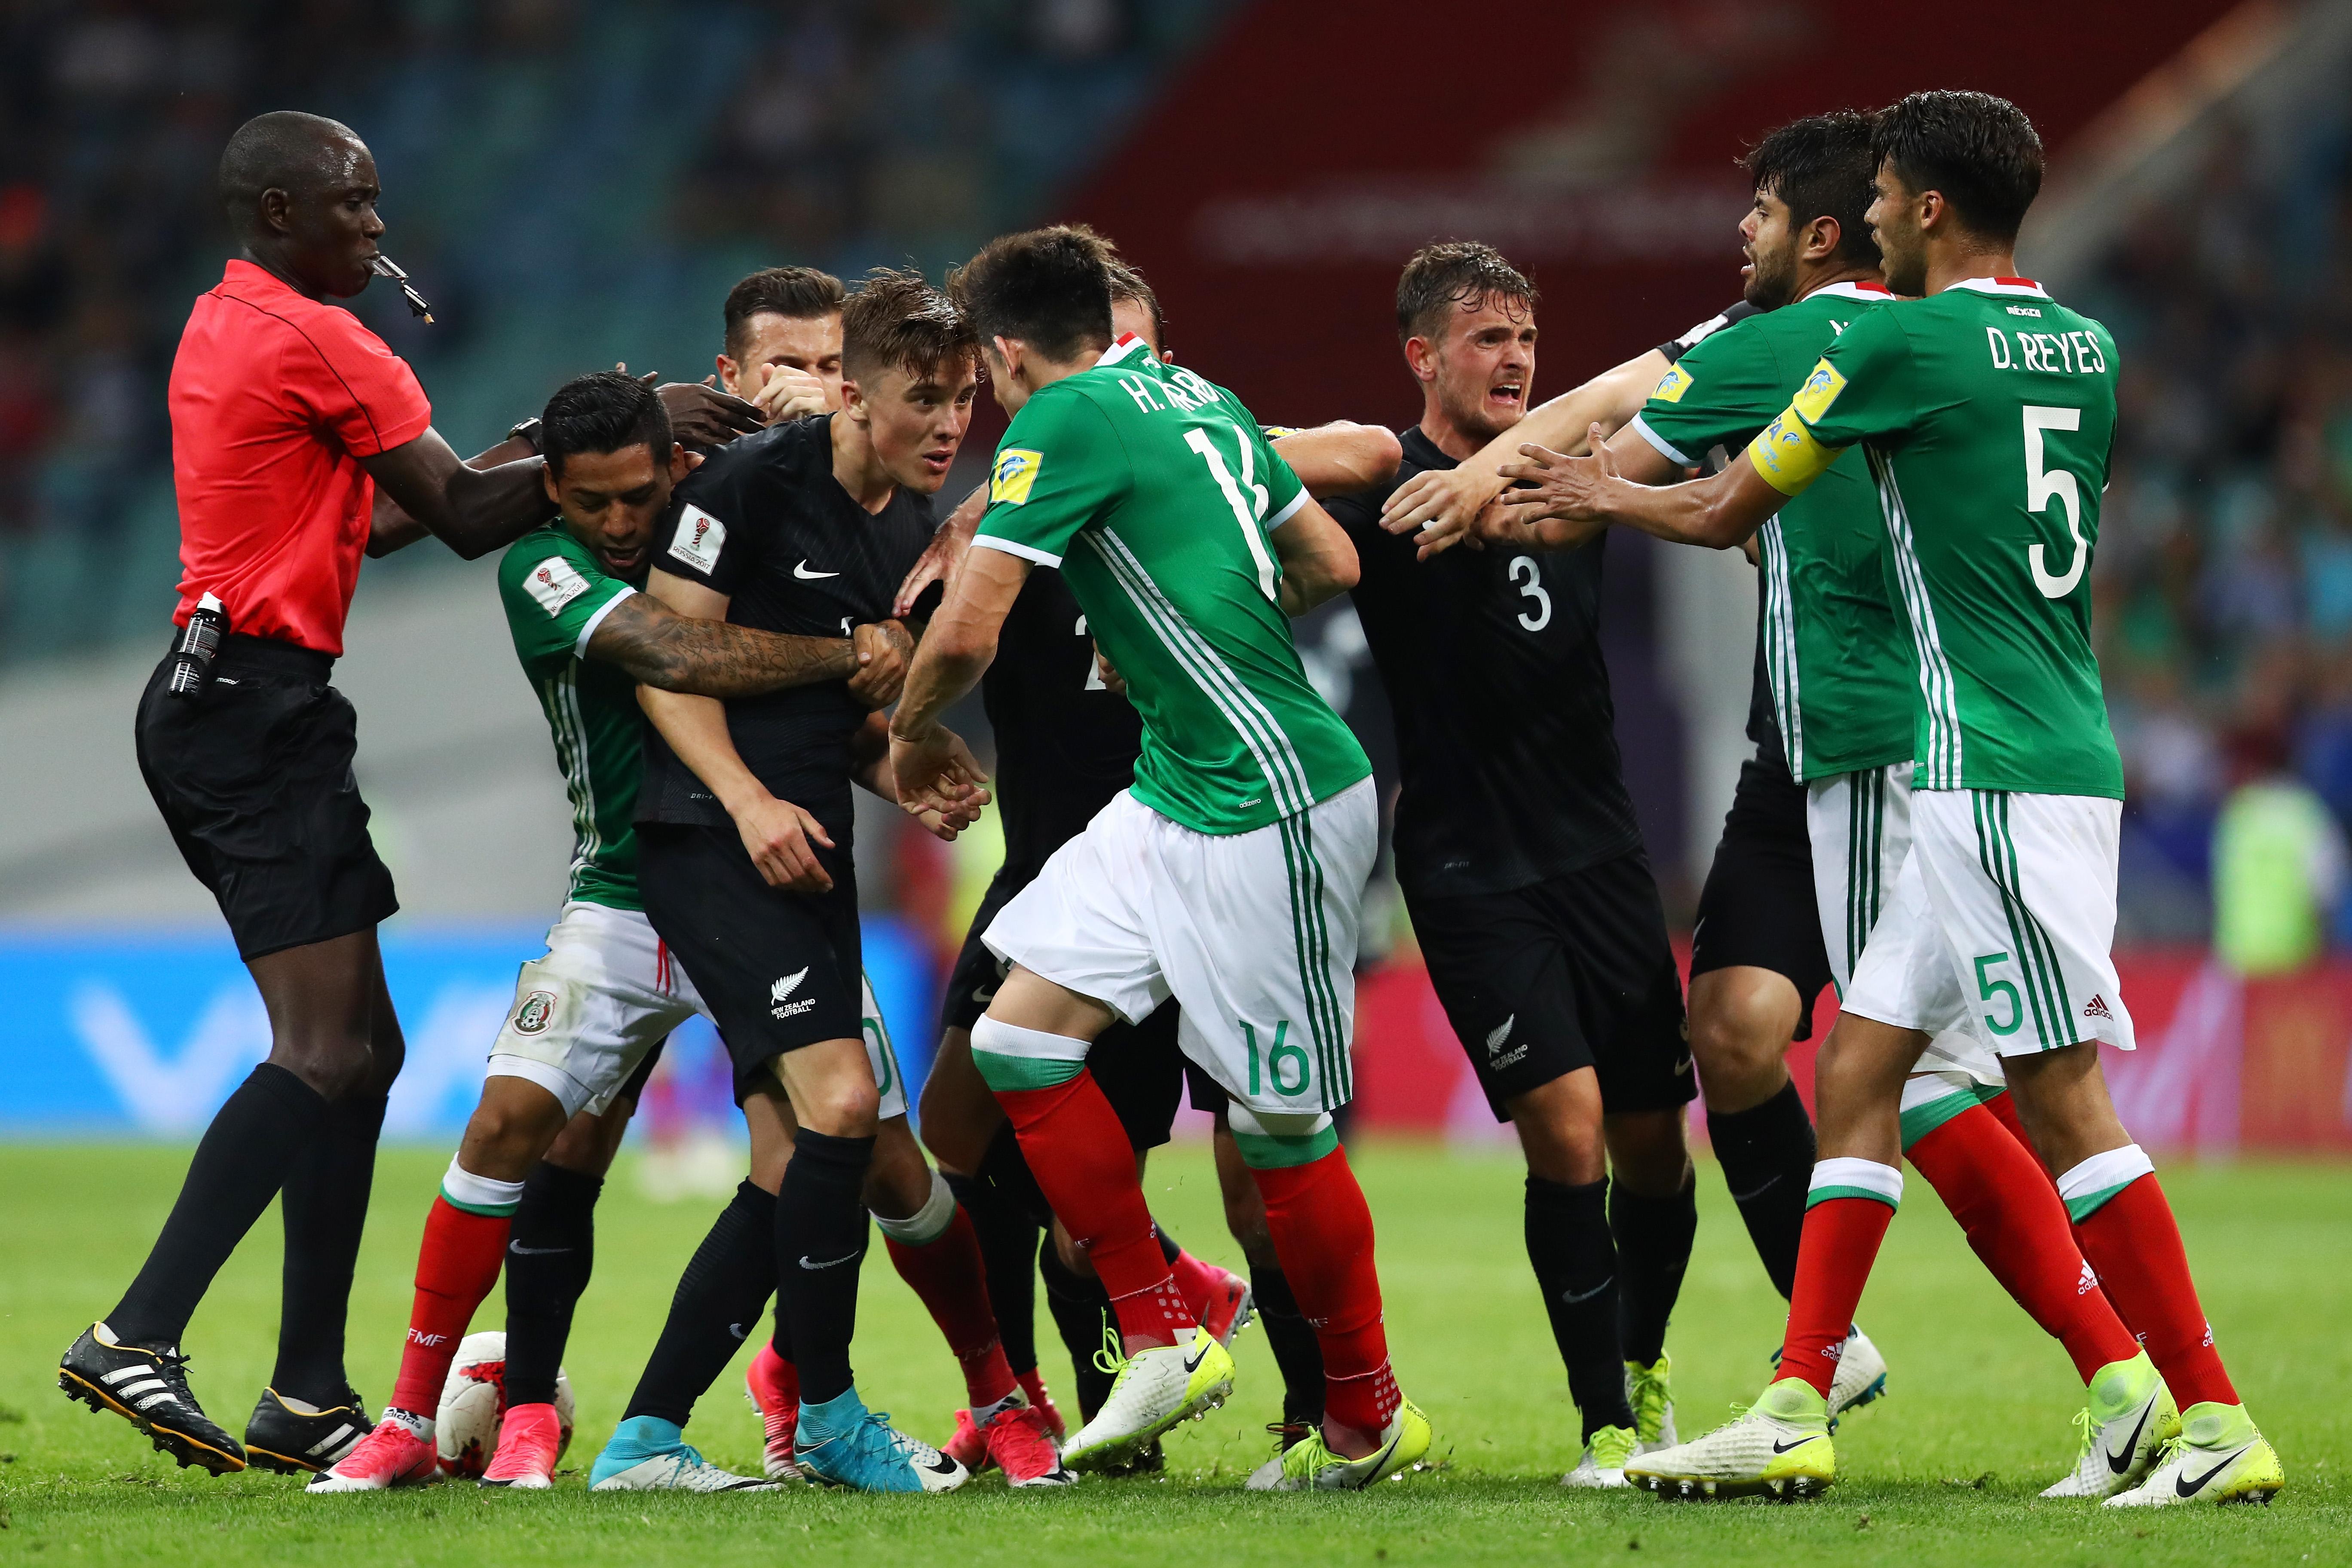 Нидерланды 12 на прогнозы спорт ноября мексика